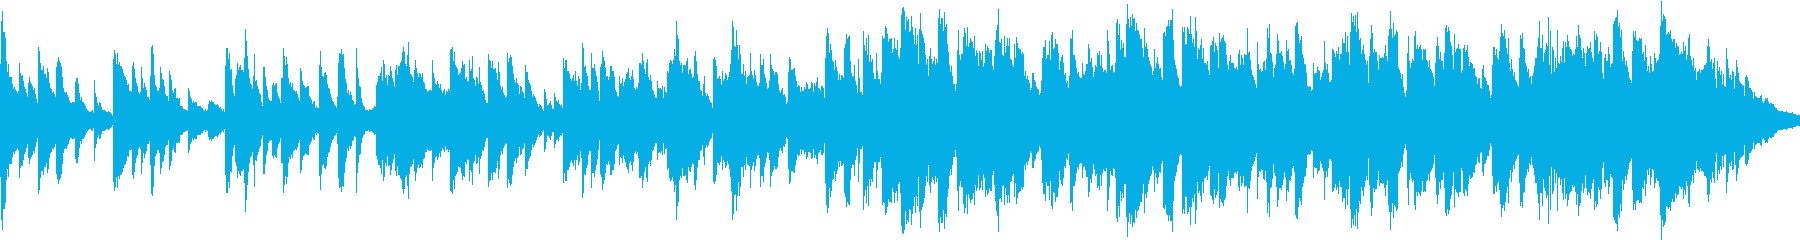 二胡と琴、ピアノの切ないBGM_ループの再生済みの波形